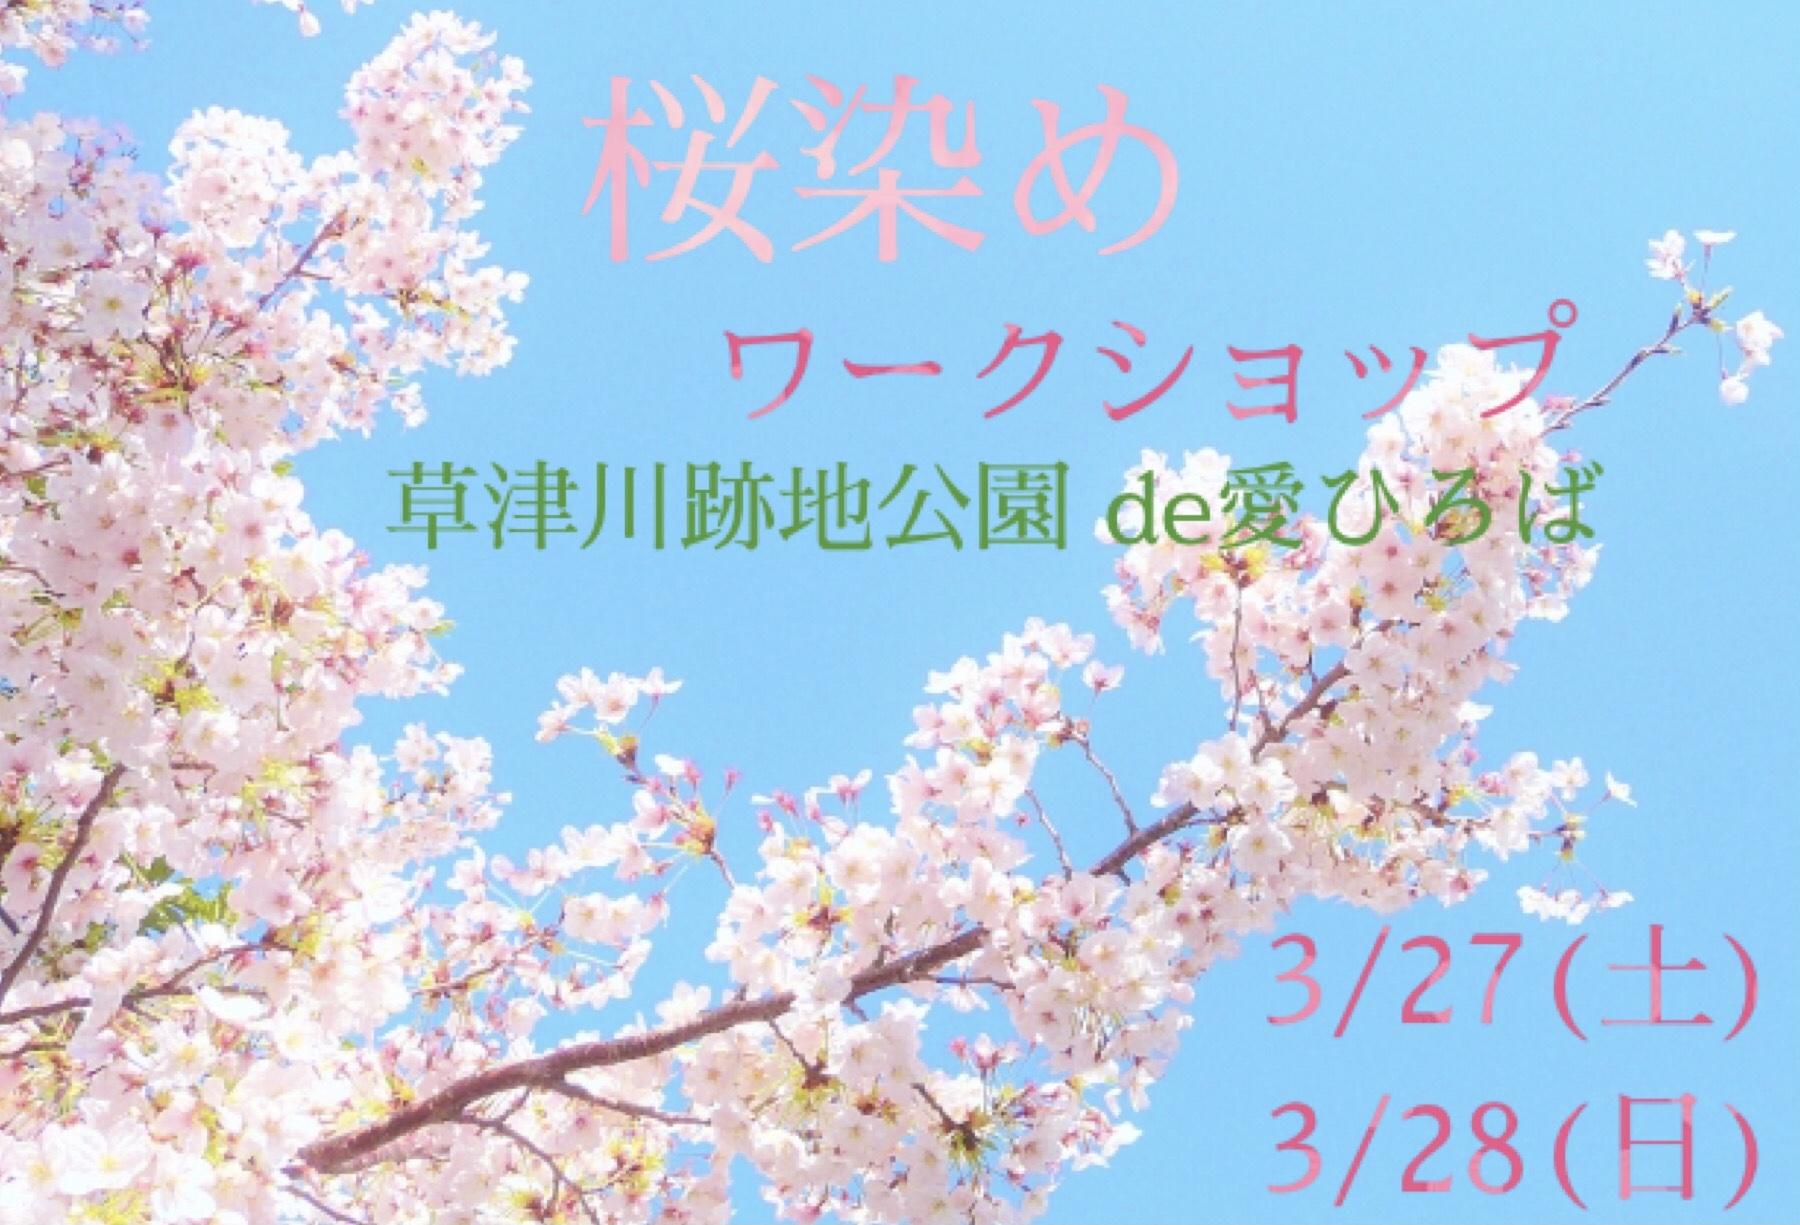 【3/27・28】桜染めワークショップ【草津川跡地公園】「桜の葉」を使って染め物体験♪